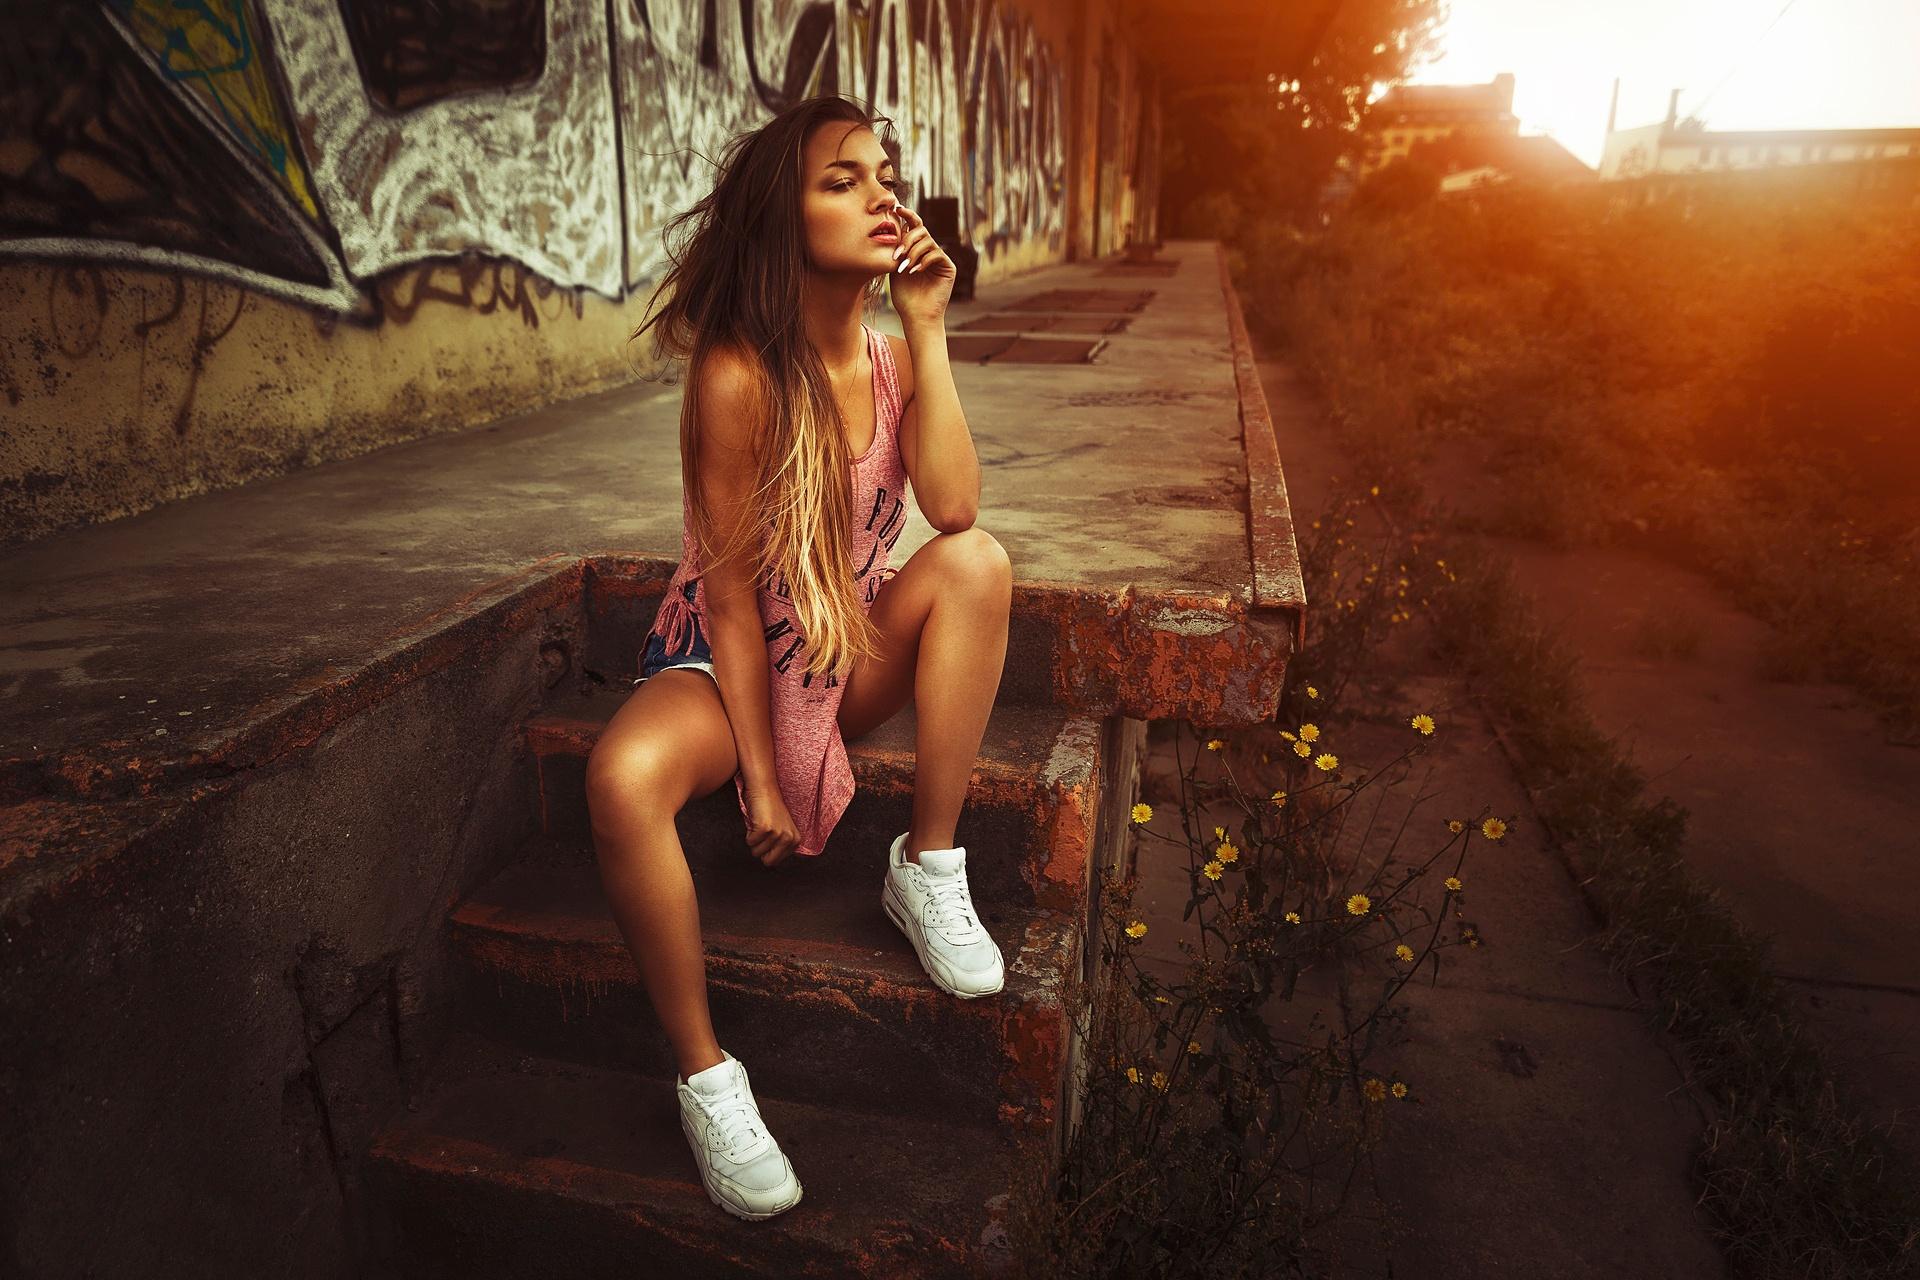 Трахнул на ступеньках, Мимолетный секс на лестнице » Порно онлайн в хорошем 13 фотография